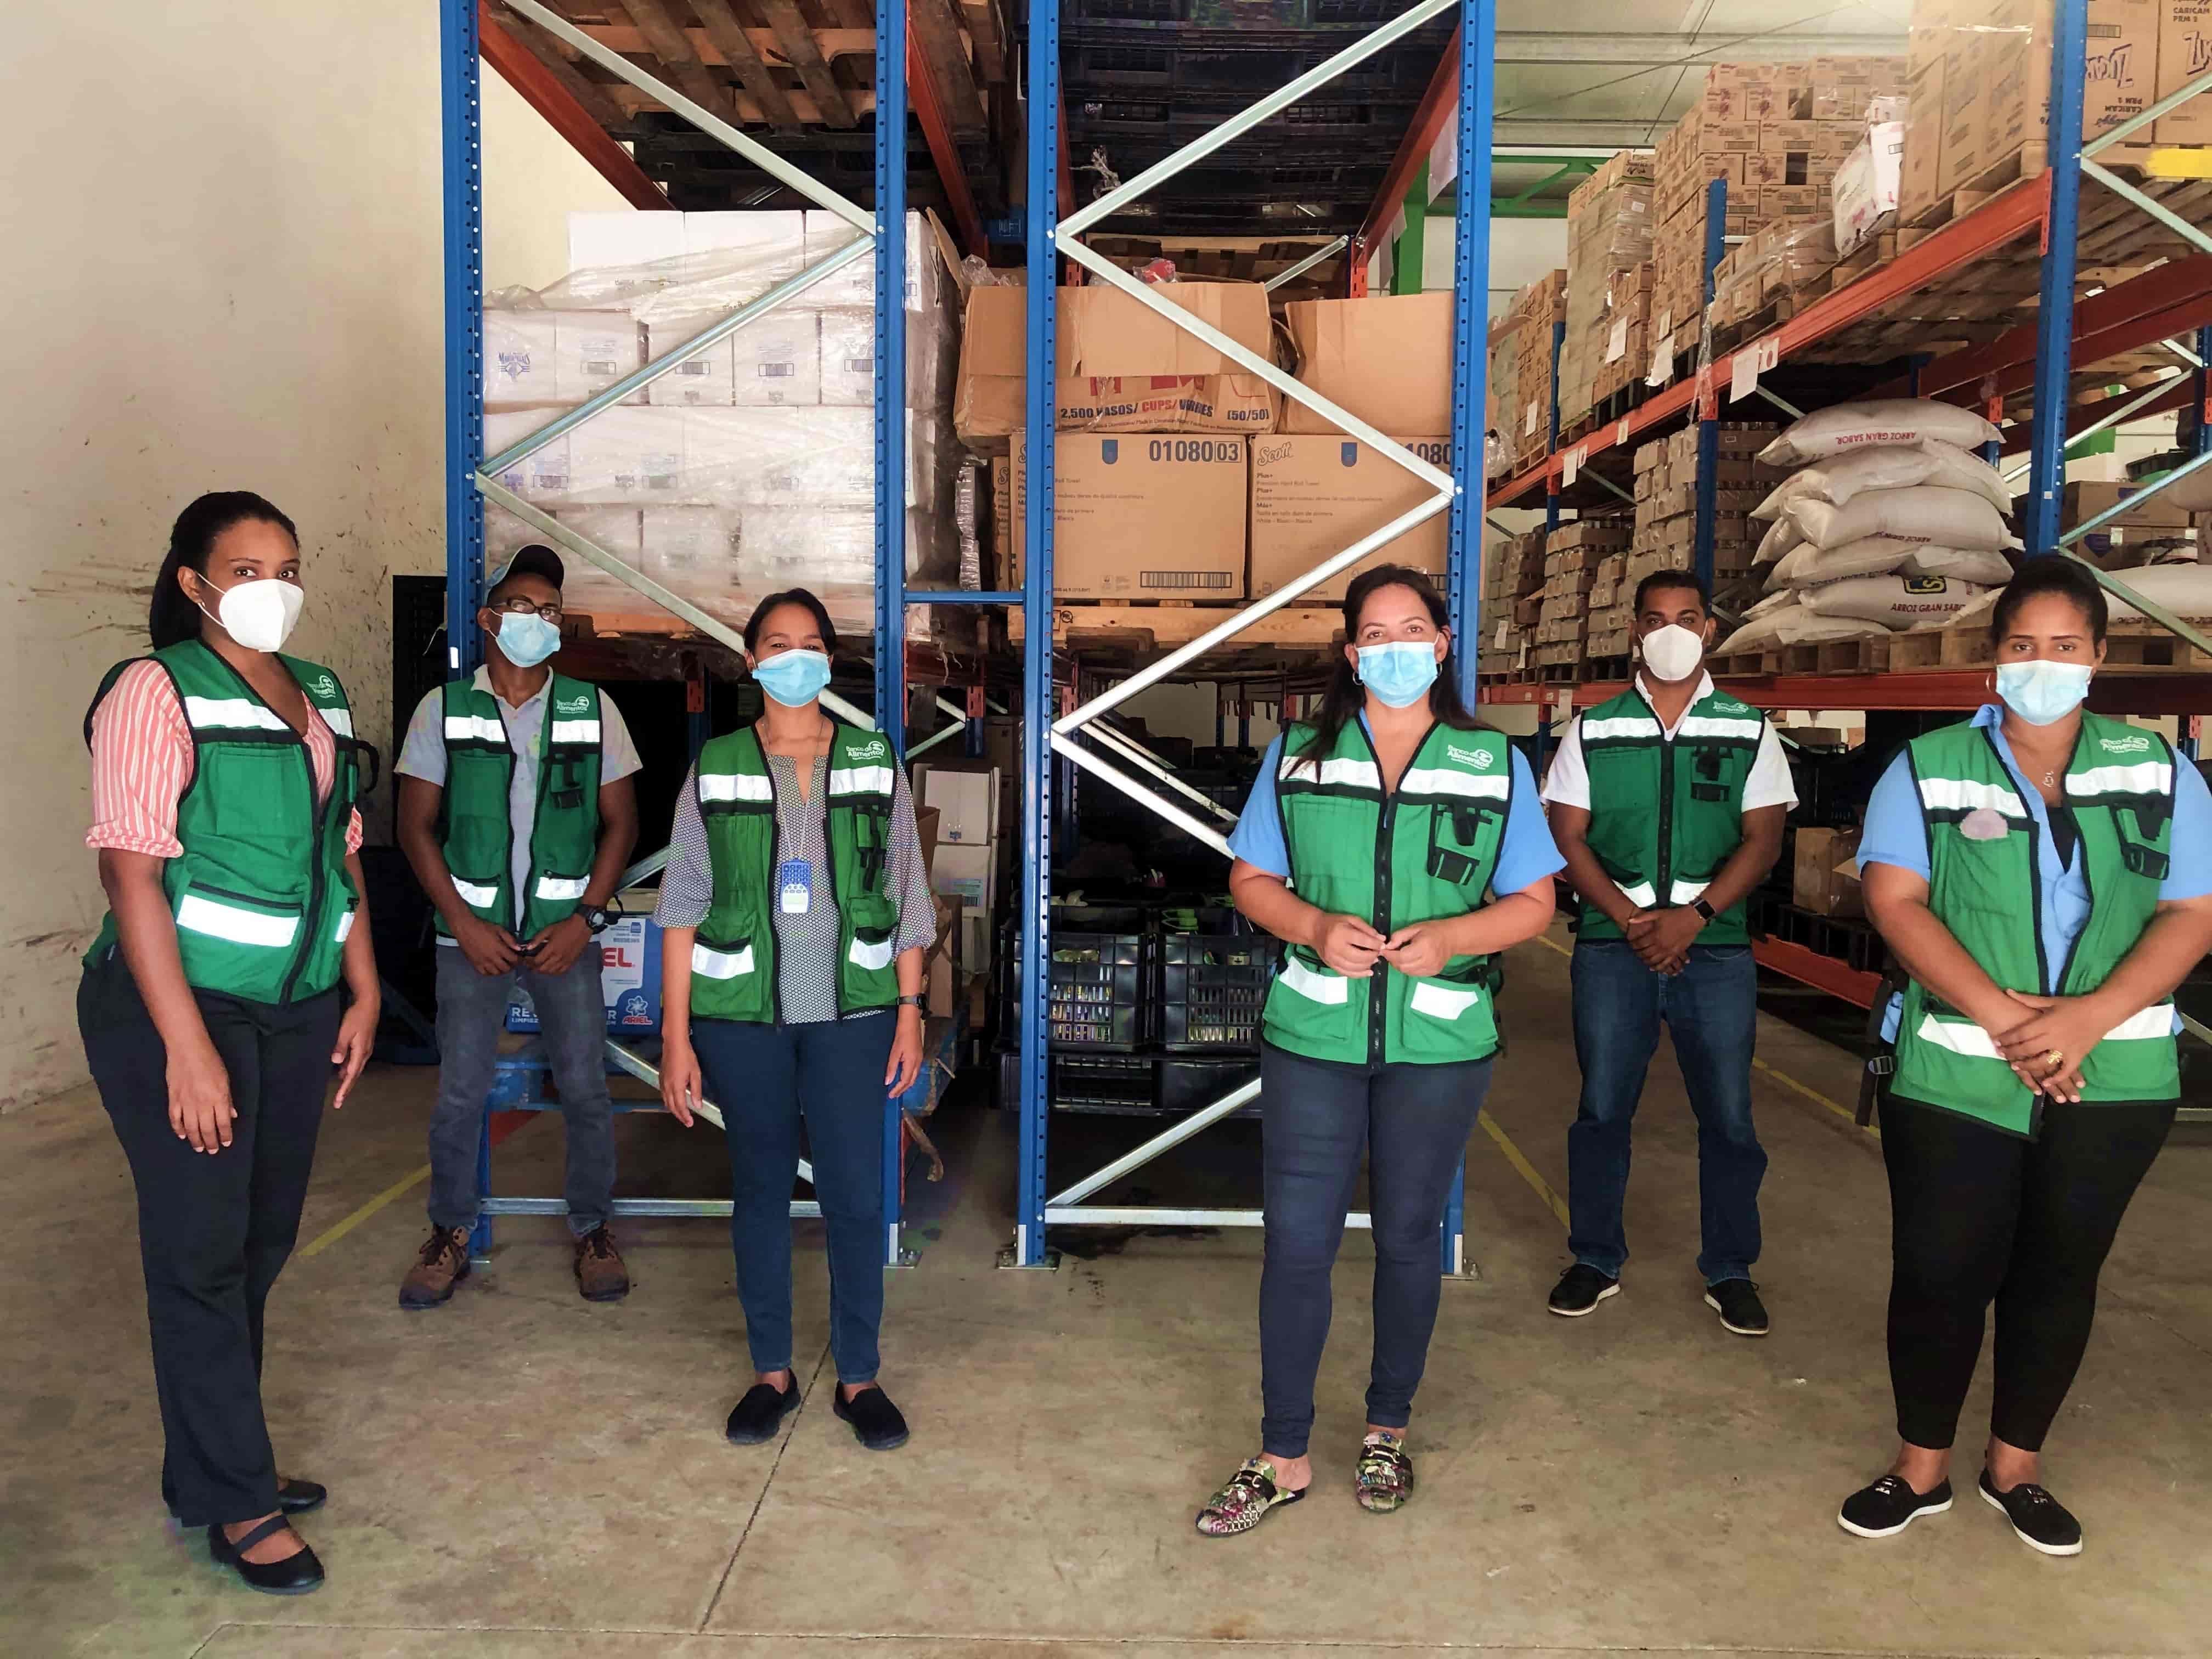 <p><strong>Banco de Alimentos de La Rep&uacute;blica Dominicana respalda la iniciativa gastron&oacute;mica Mandiles de Esperanza</strong></p>